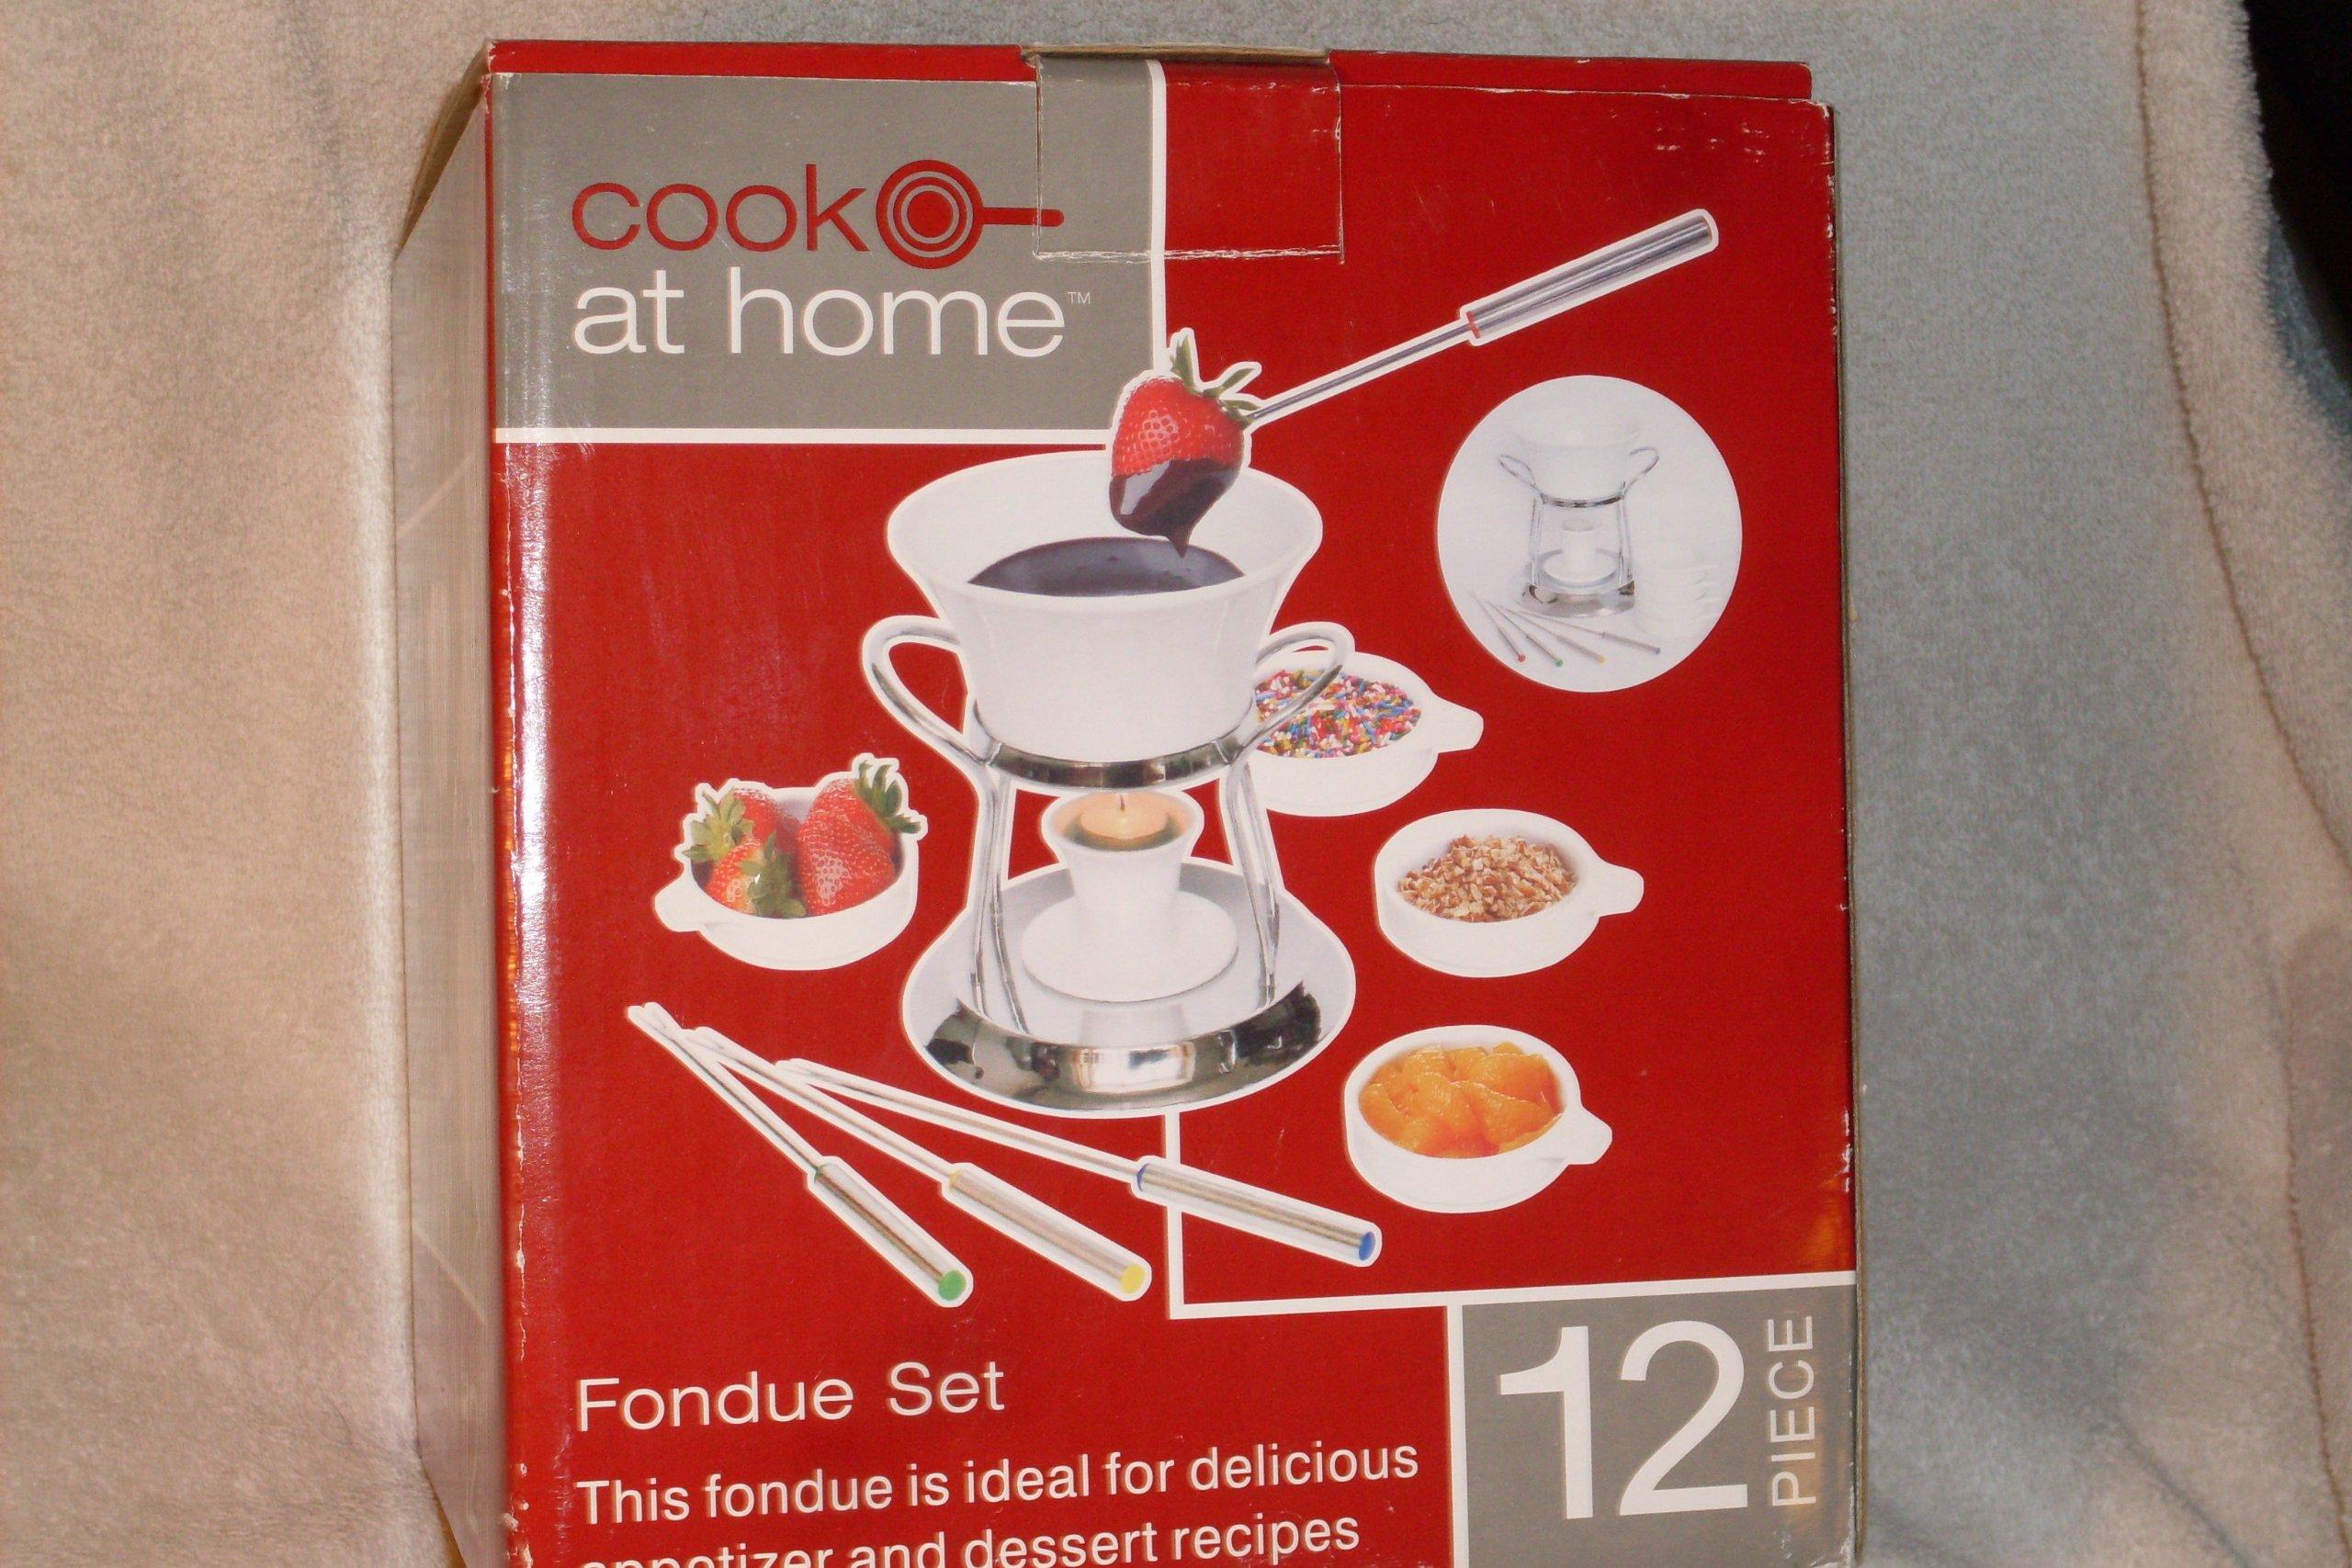 12 Piece Ceramic Fondue Set- Chrome Plated Metal Stand, 1 Quart Ceramic Pot, Ceramic Tea Light Holder, 4 Fondue Forks, Tea Light Candle, 4 Ceramic Bowls